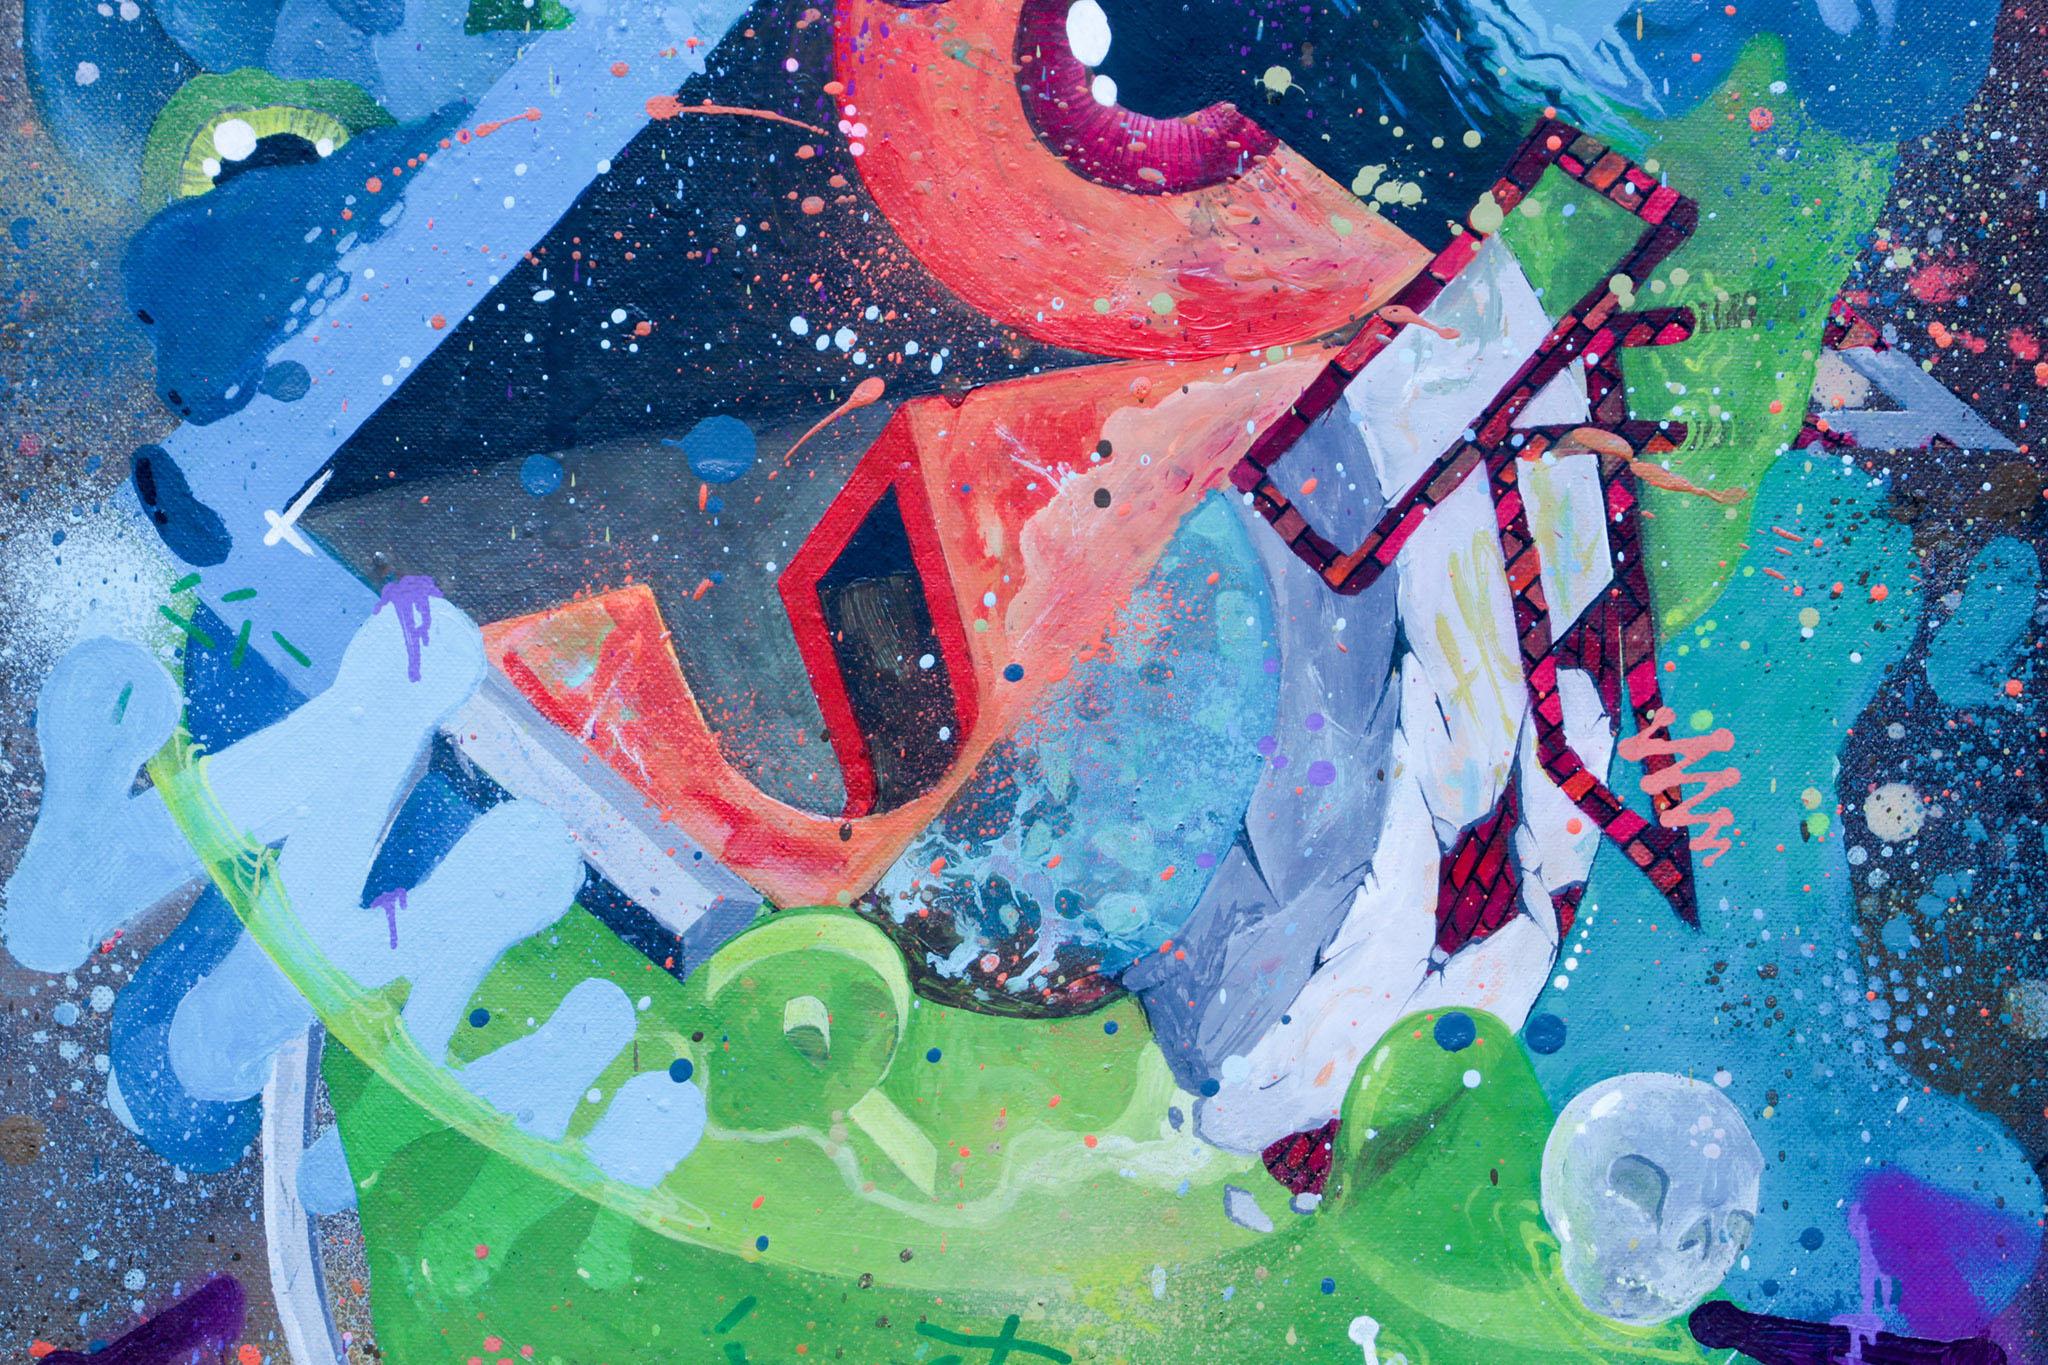 HOMEBOY LDJ - Calypso, spray & marker on canvas (2011)